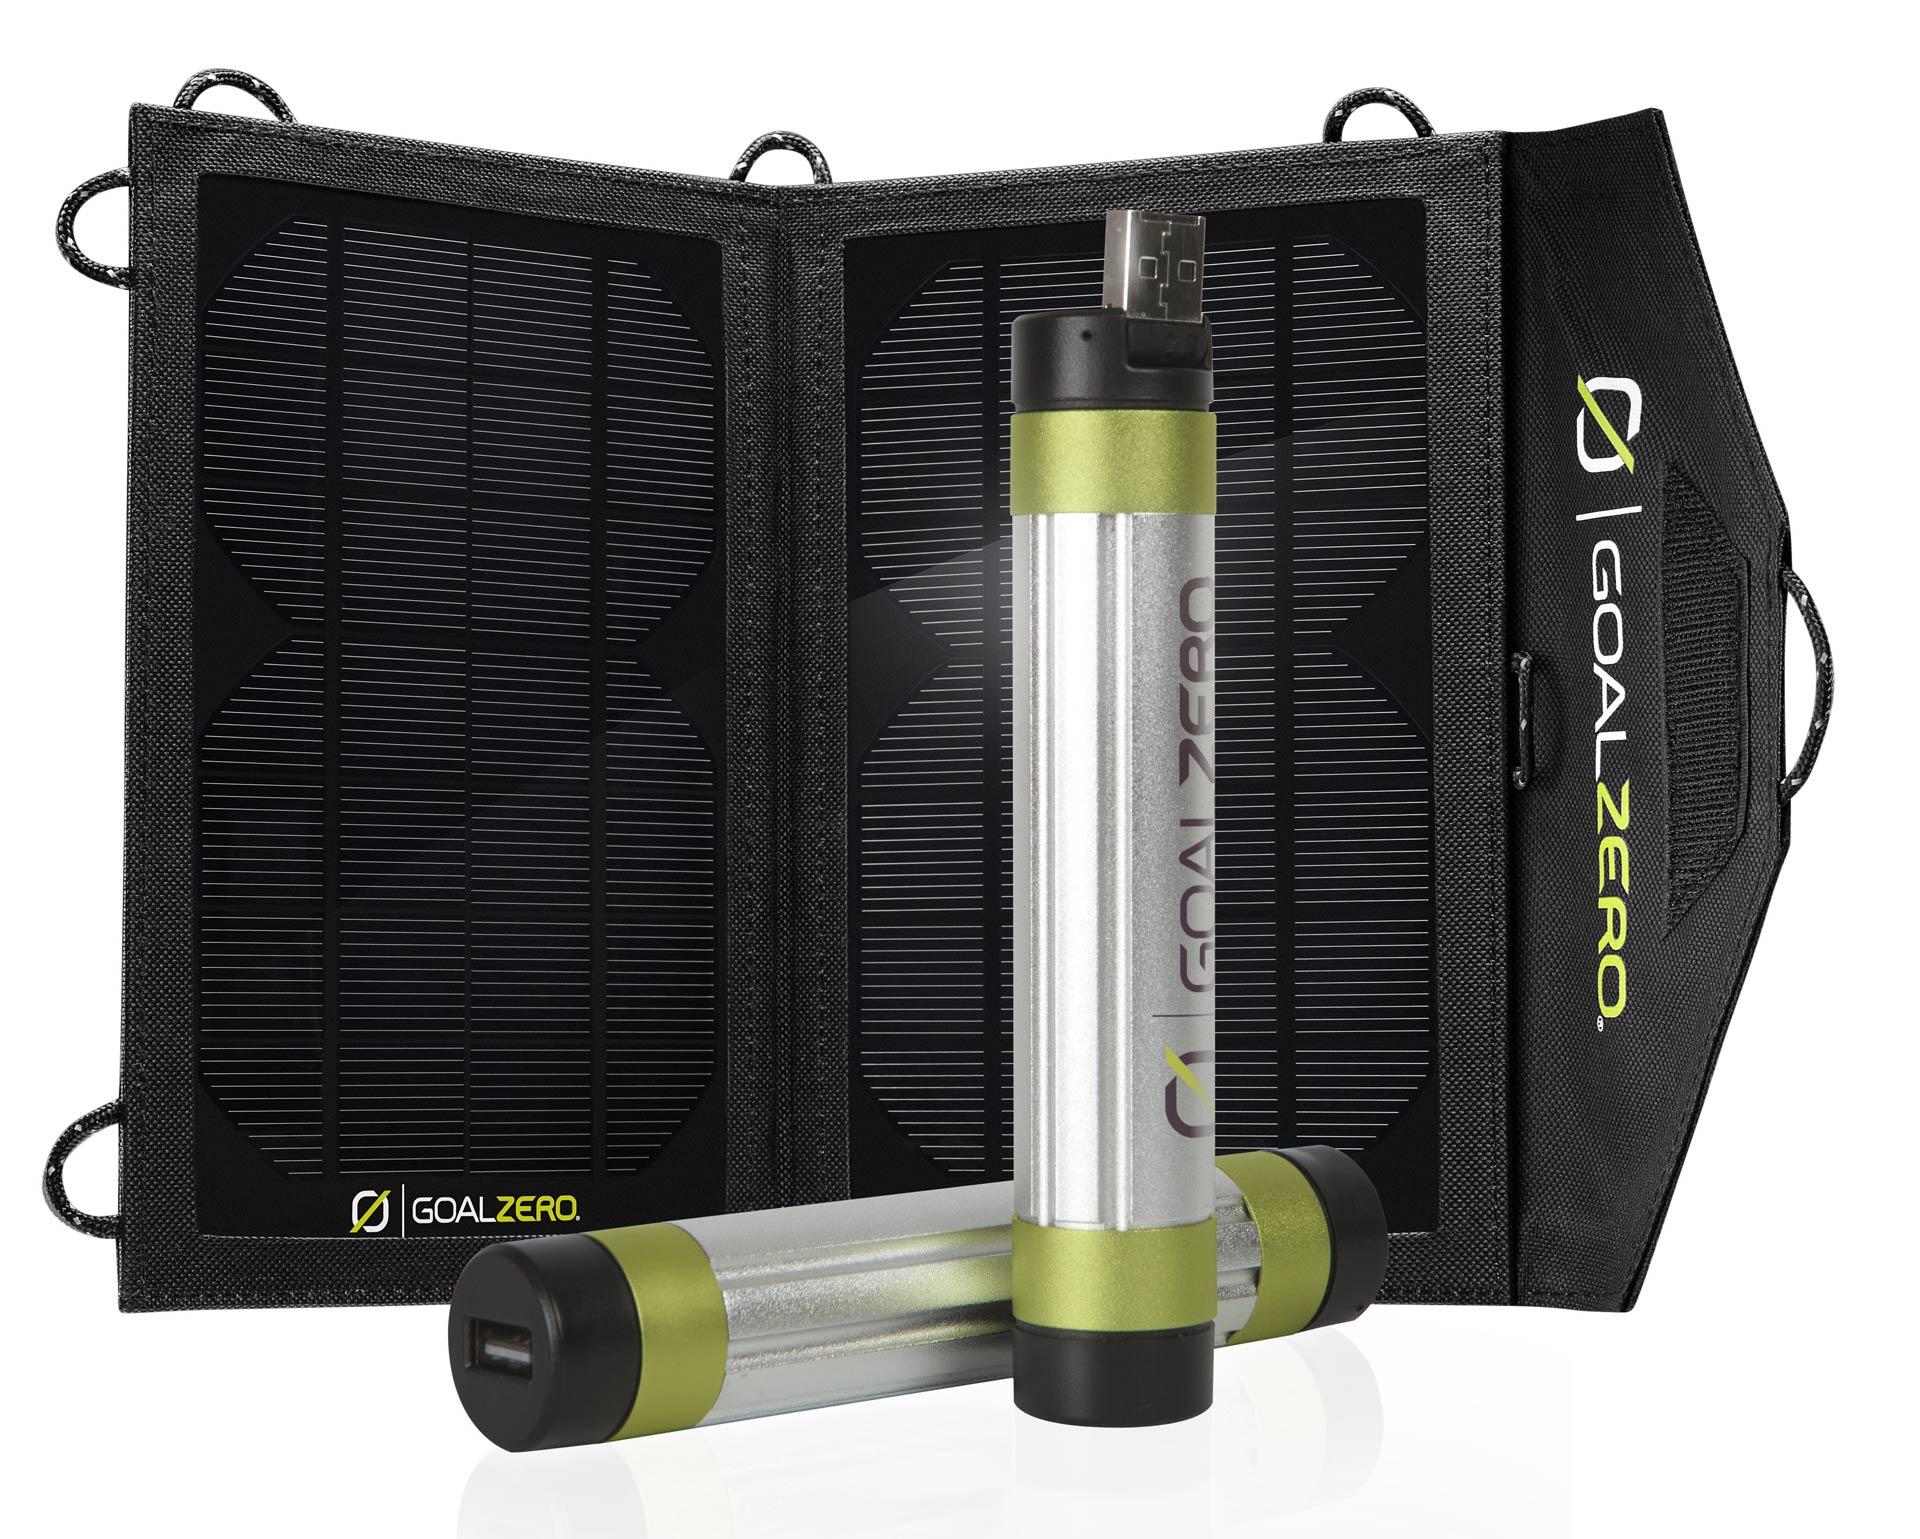 Panneau solaire Goal Zero avec chargeurs Goal Zero Switch 8